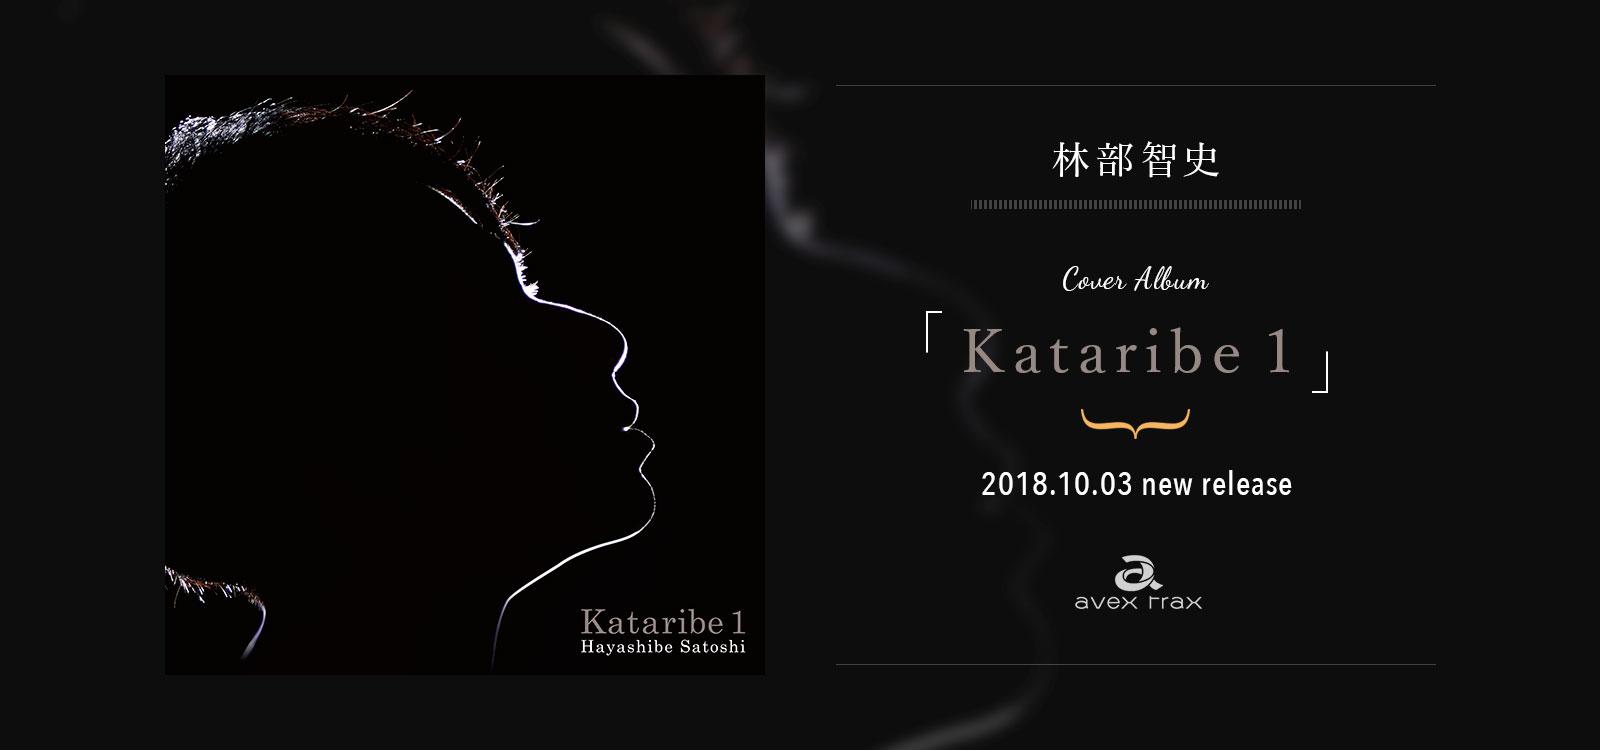 カバーアルバム「カタリベ1」